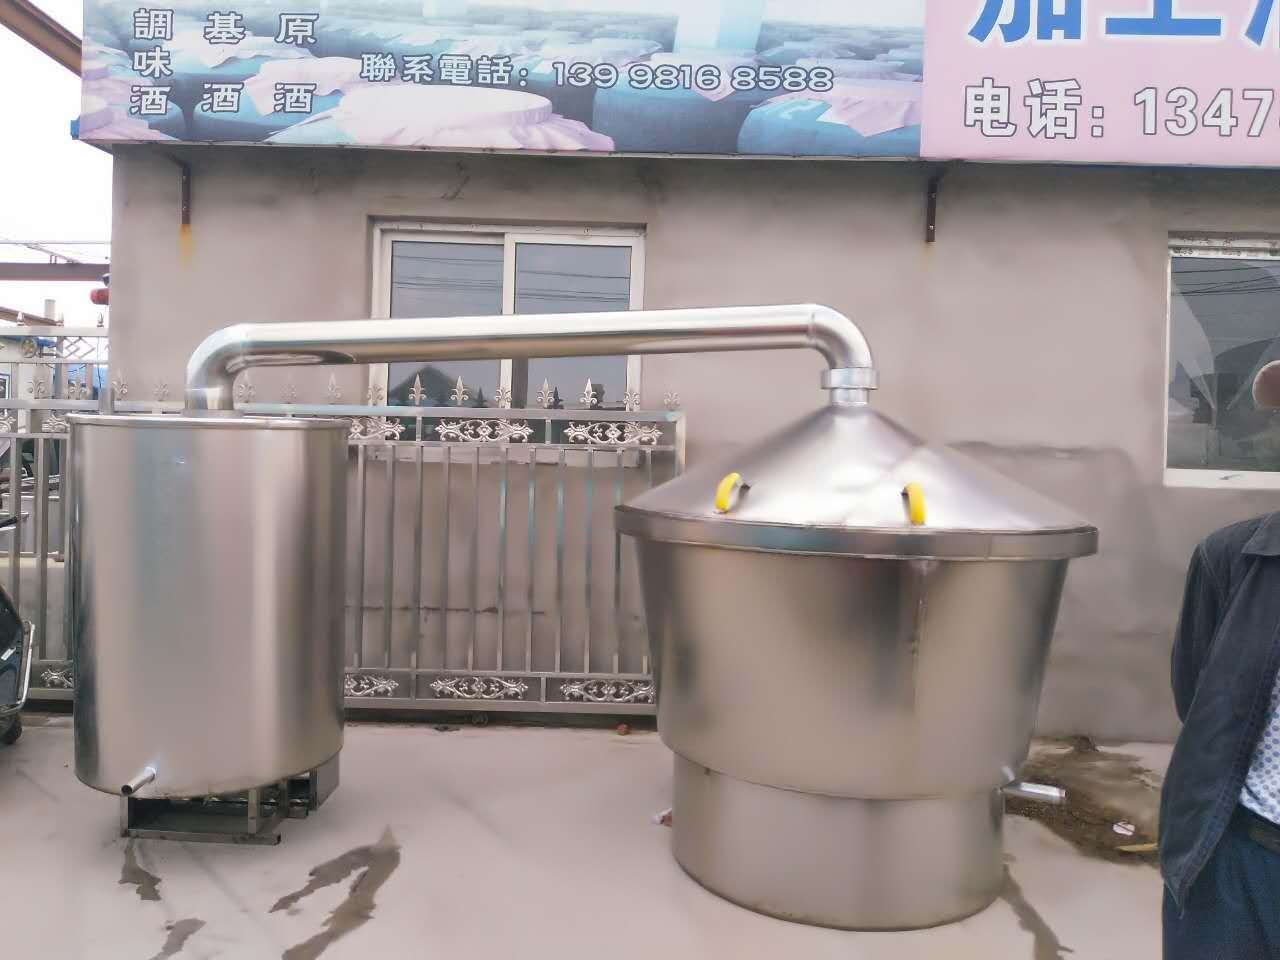 內蒙古釀酒設備-專業的釀酒設備供應商